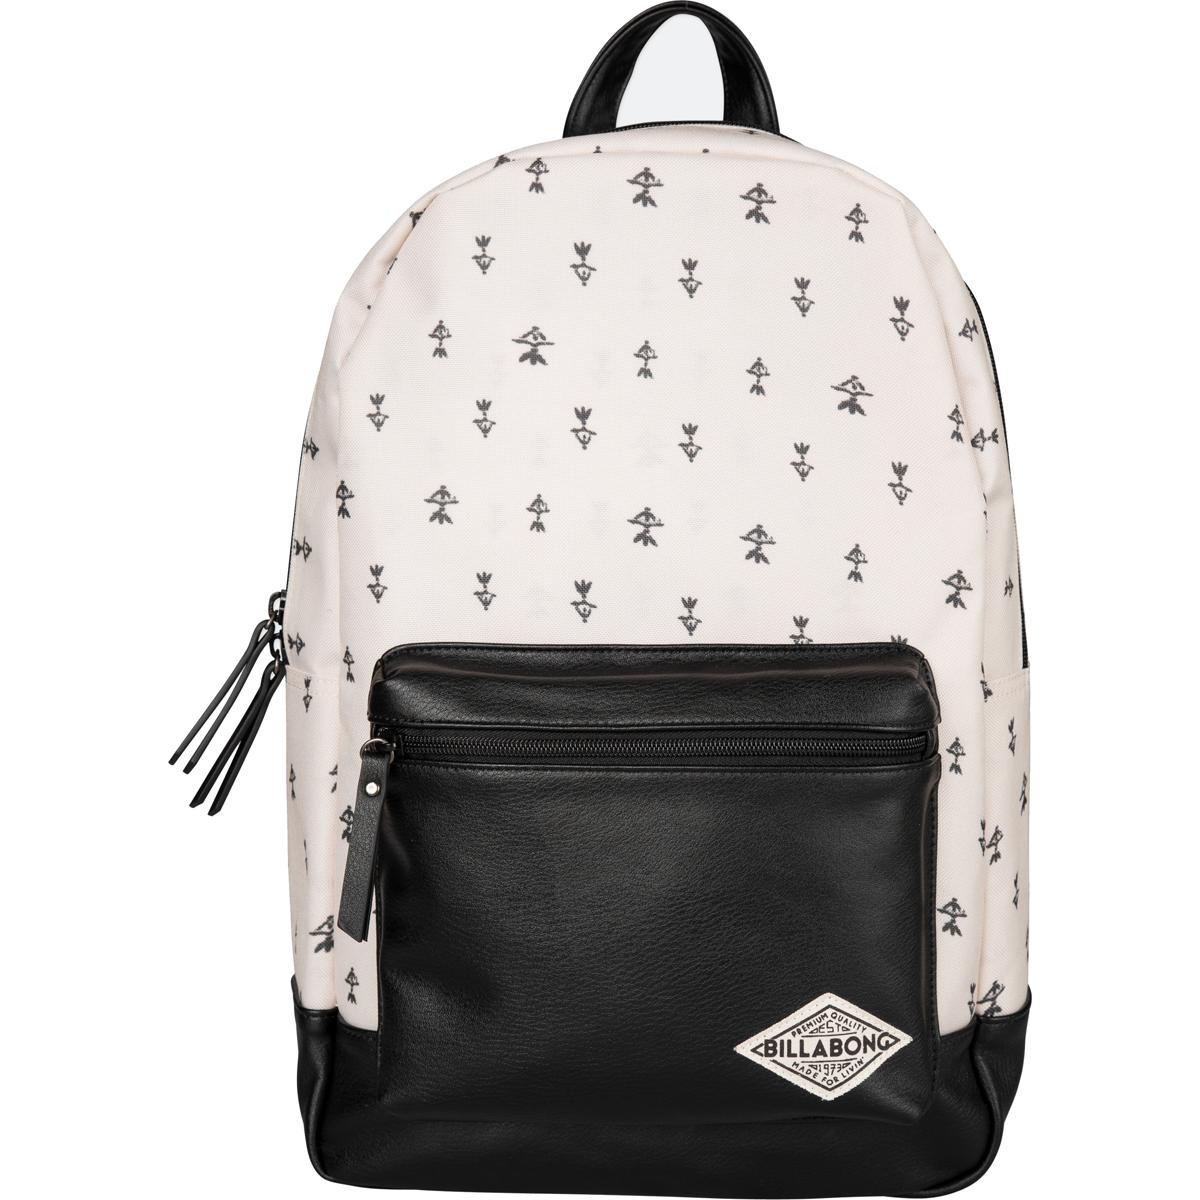 Рюкзак городской женский Billabong Personal, цвет: черный, 20 л. Z9BP03Z9BP03Практичный и вместительный женский рюкзак , готовый вписаться в Ваш стиль и вместить все Ваши вещи, необходимые для учебы, работы или просто прогулок по городу.